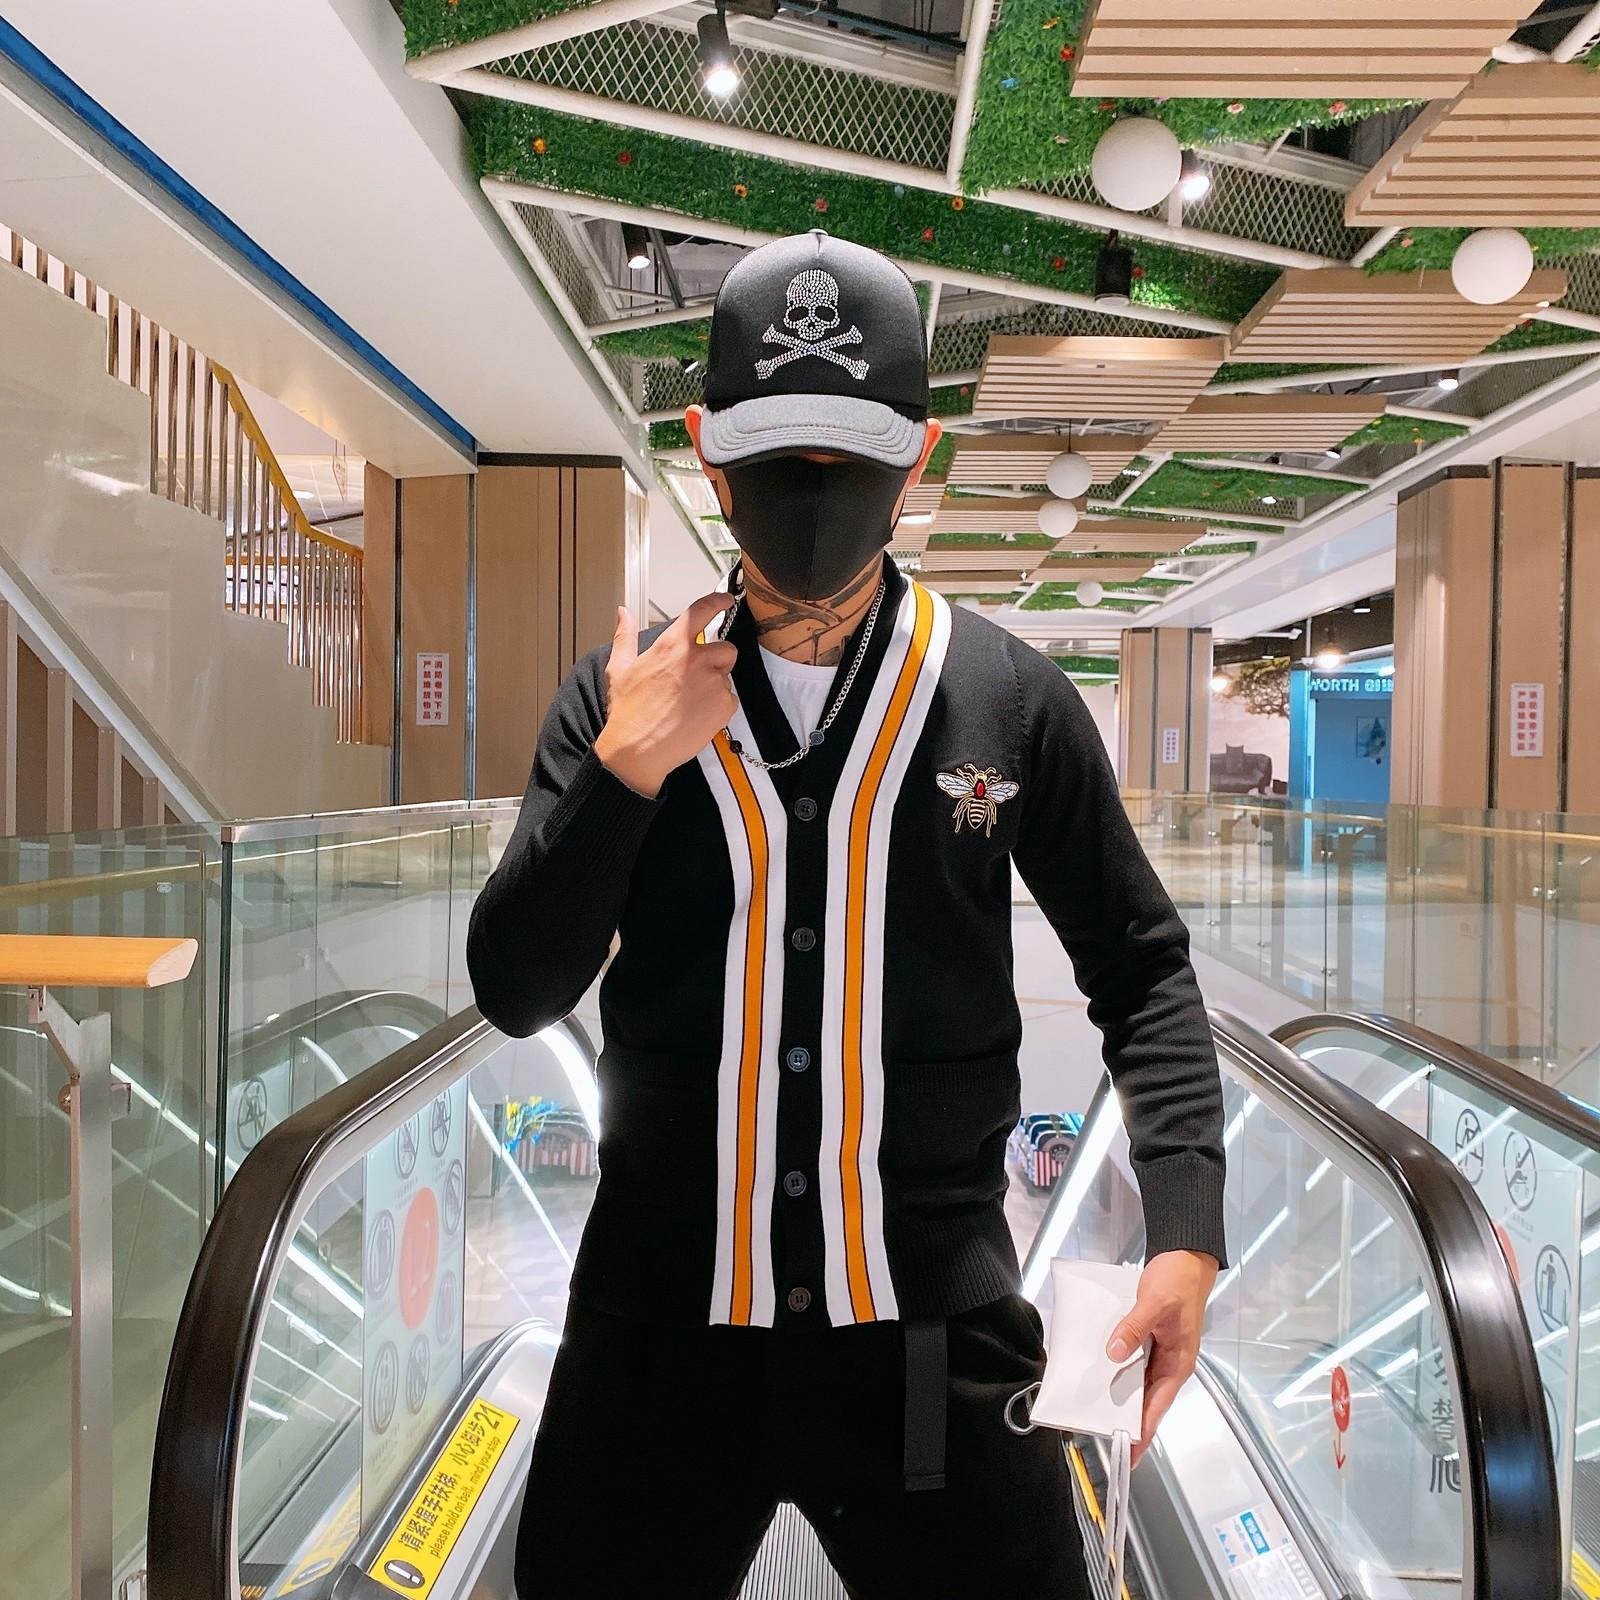 2021 Automne et hiver Nouveau Pull Cardigan Tricoté Mode Mode Marque Broderie Bee Manches Longues Manches Britannique Style